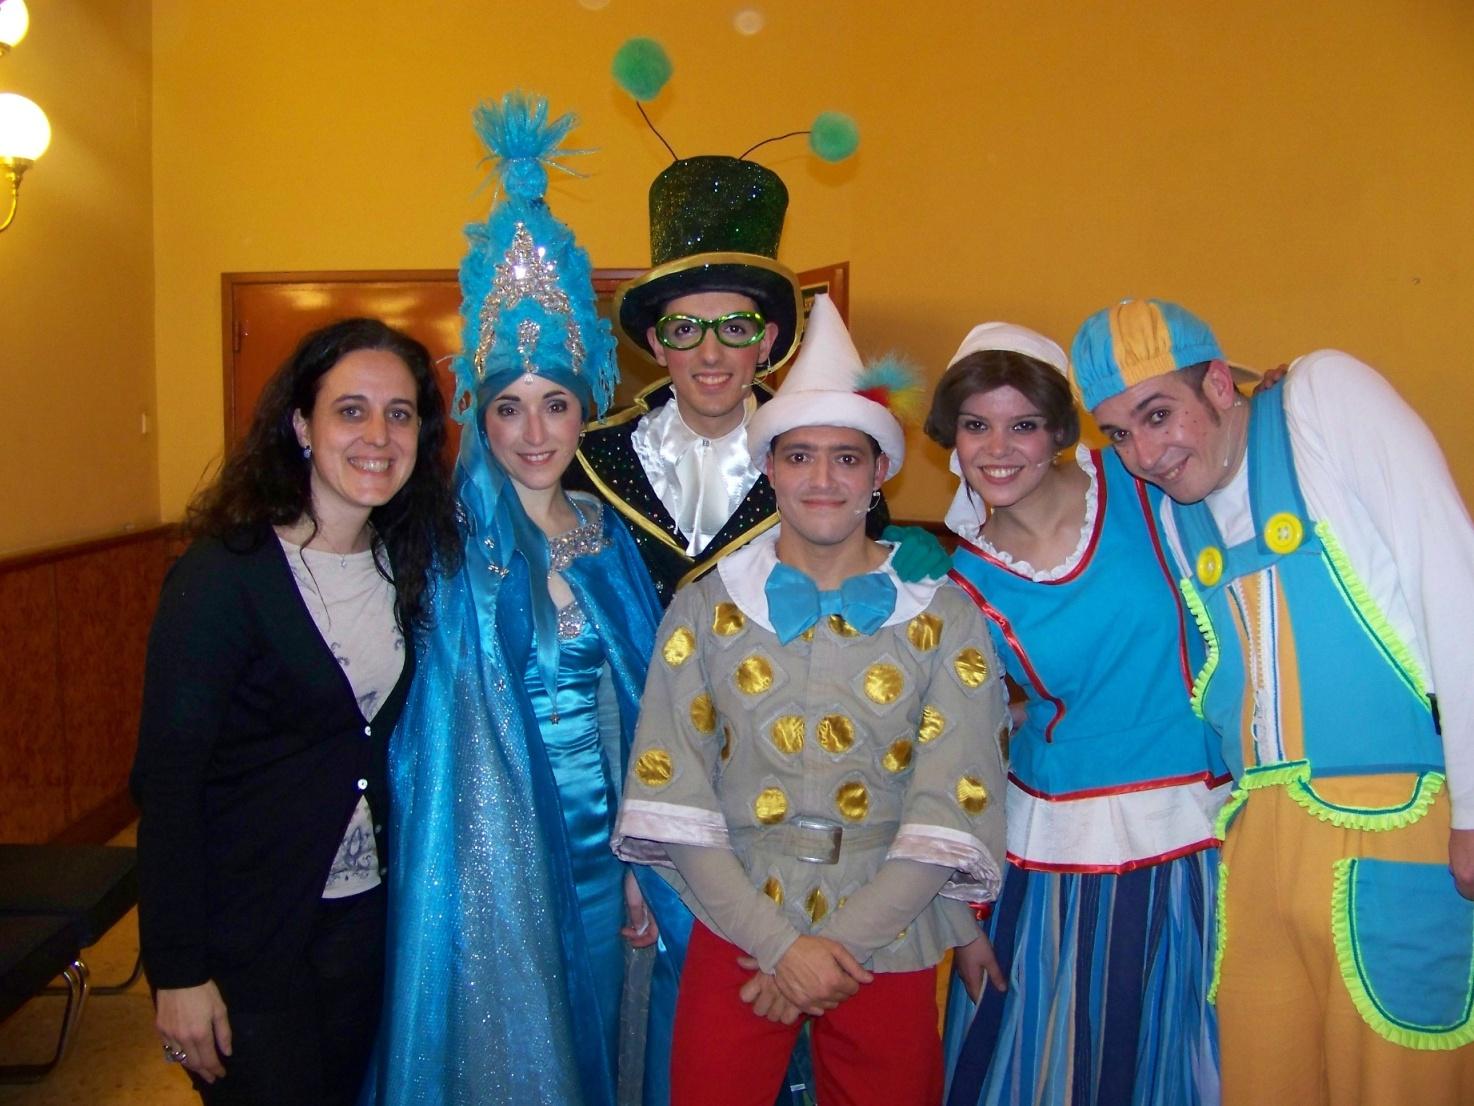 Las aventuras de Pinocho un cuento musical